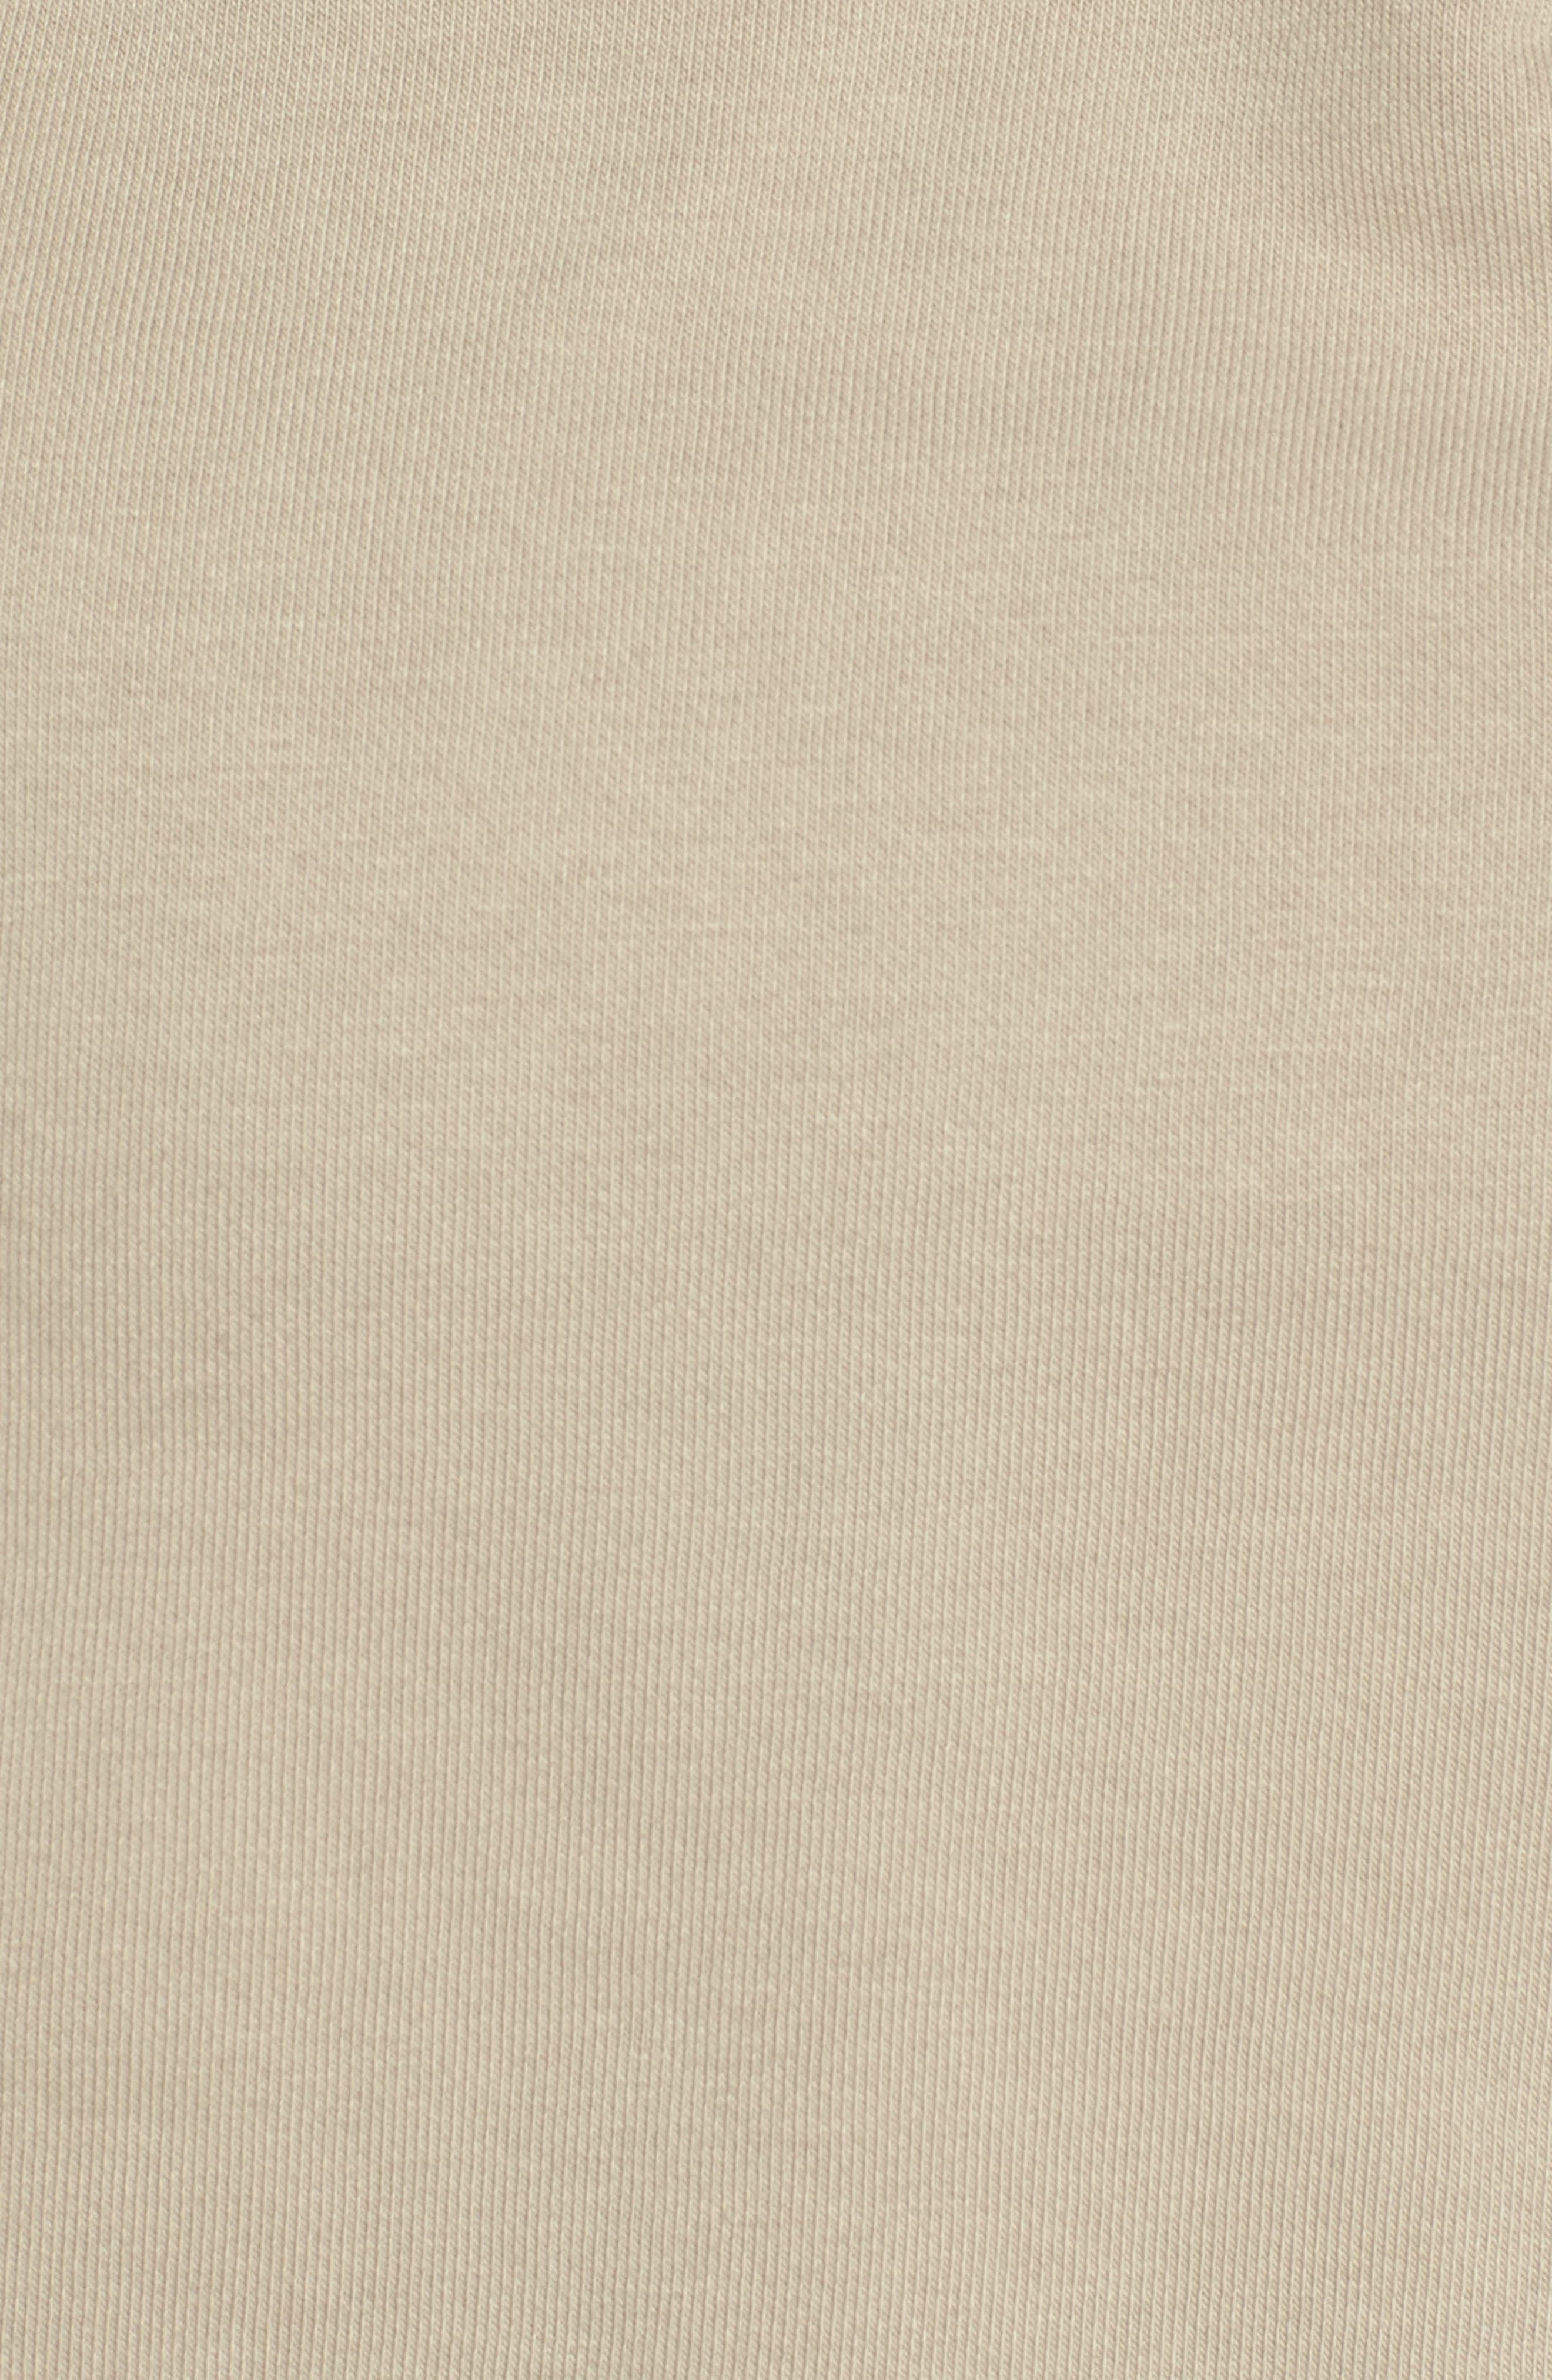 Short Sleeve Crop Hoodie,                             Alternate thumbnail 6, color,                             300